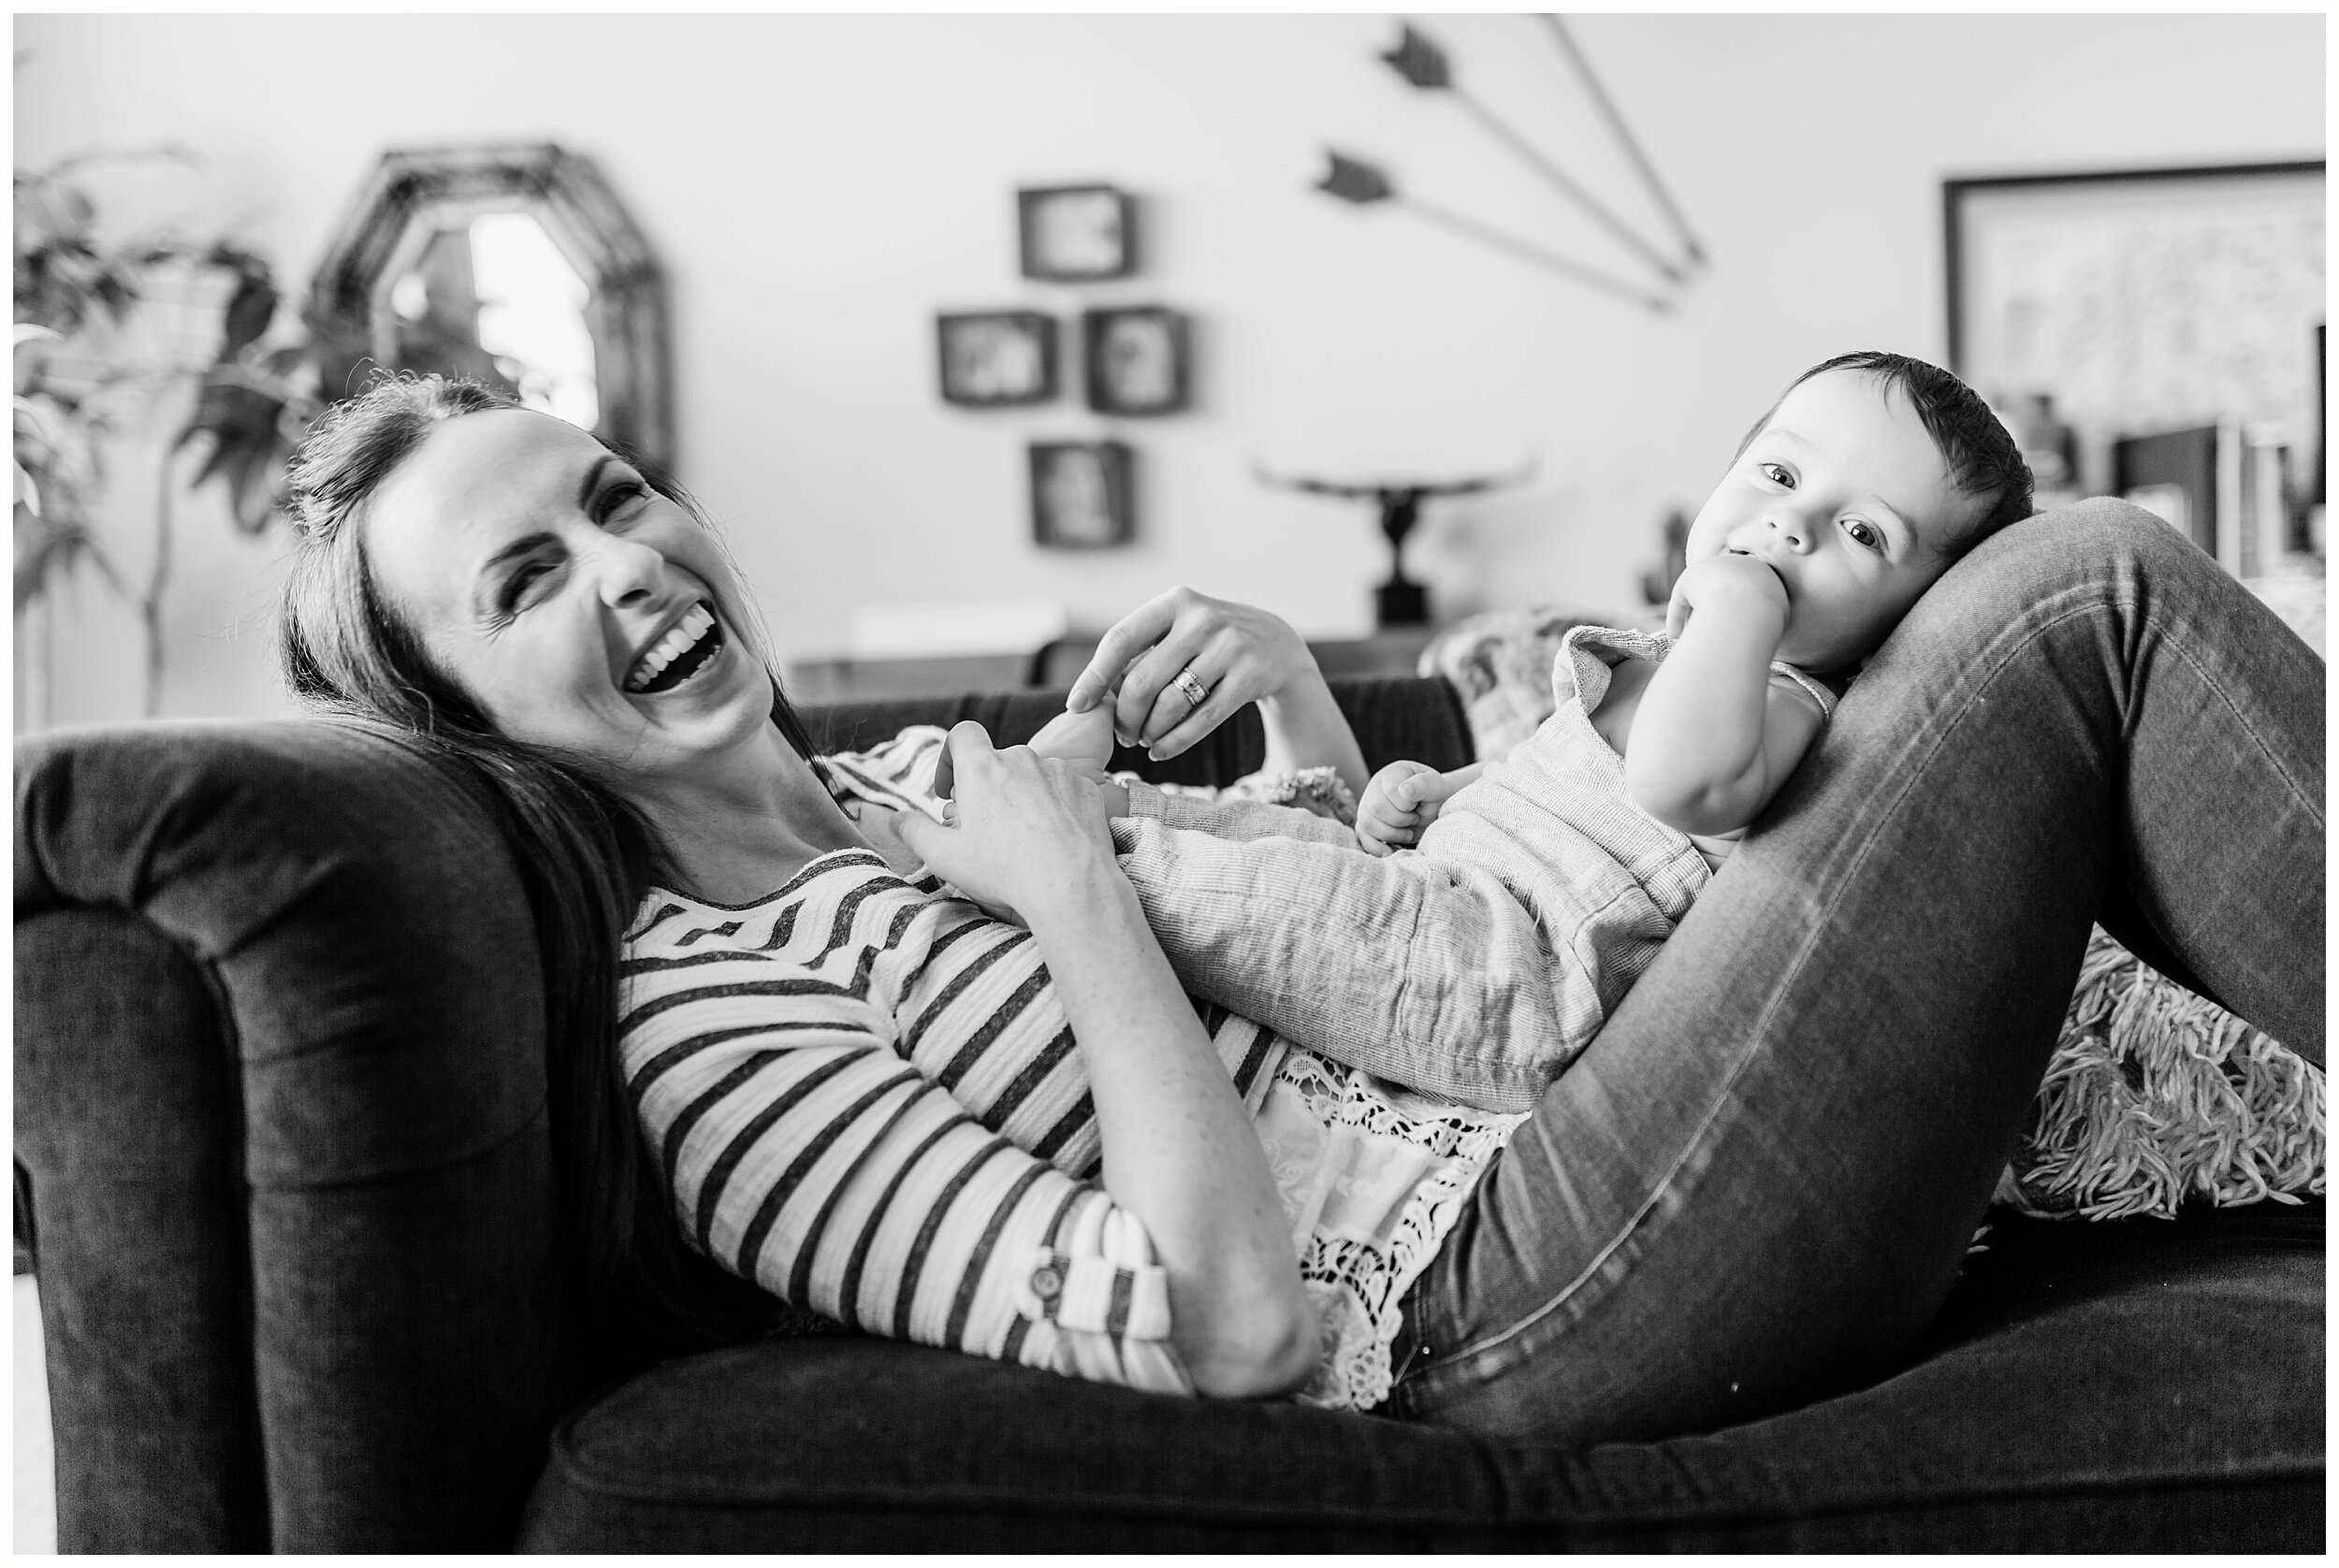 lexington-ky-family-lifestyle-photos-by-priscilla-baierlein_1052.jpg